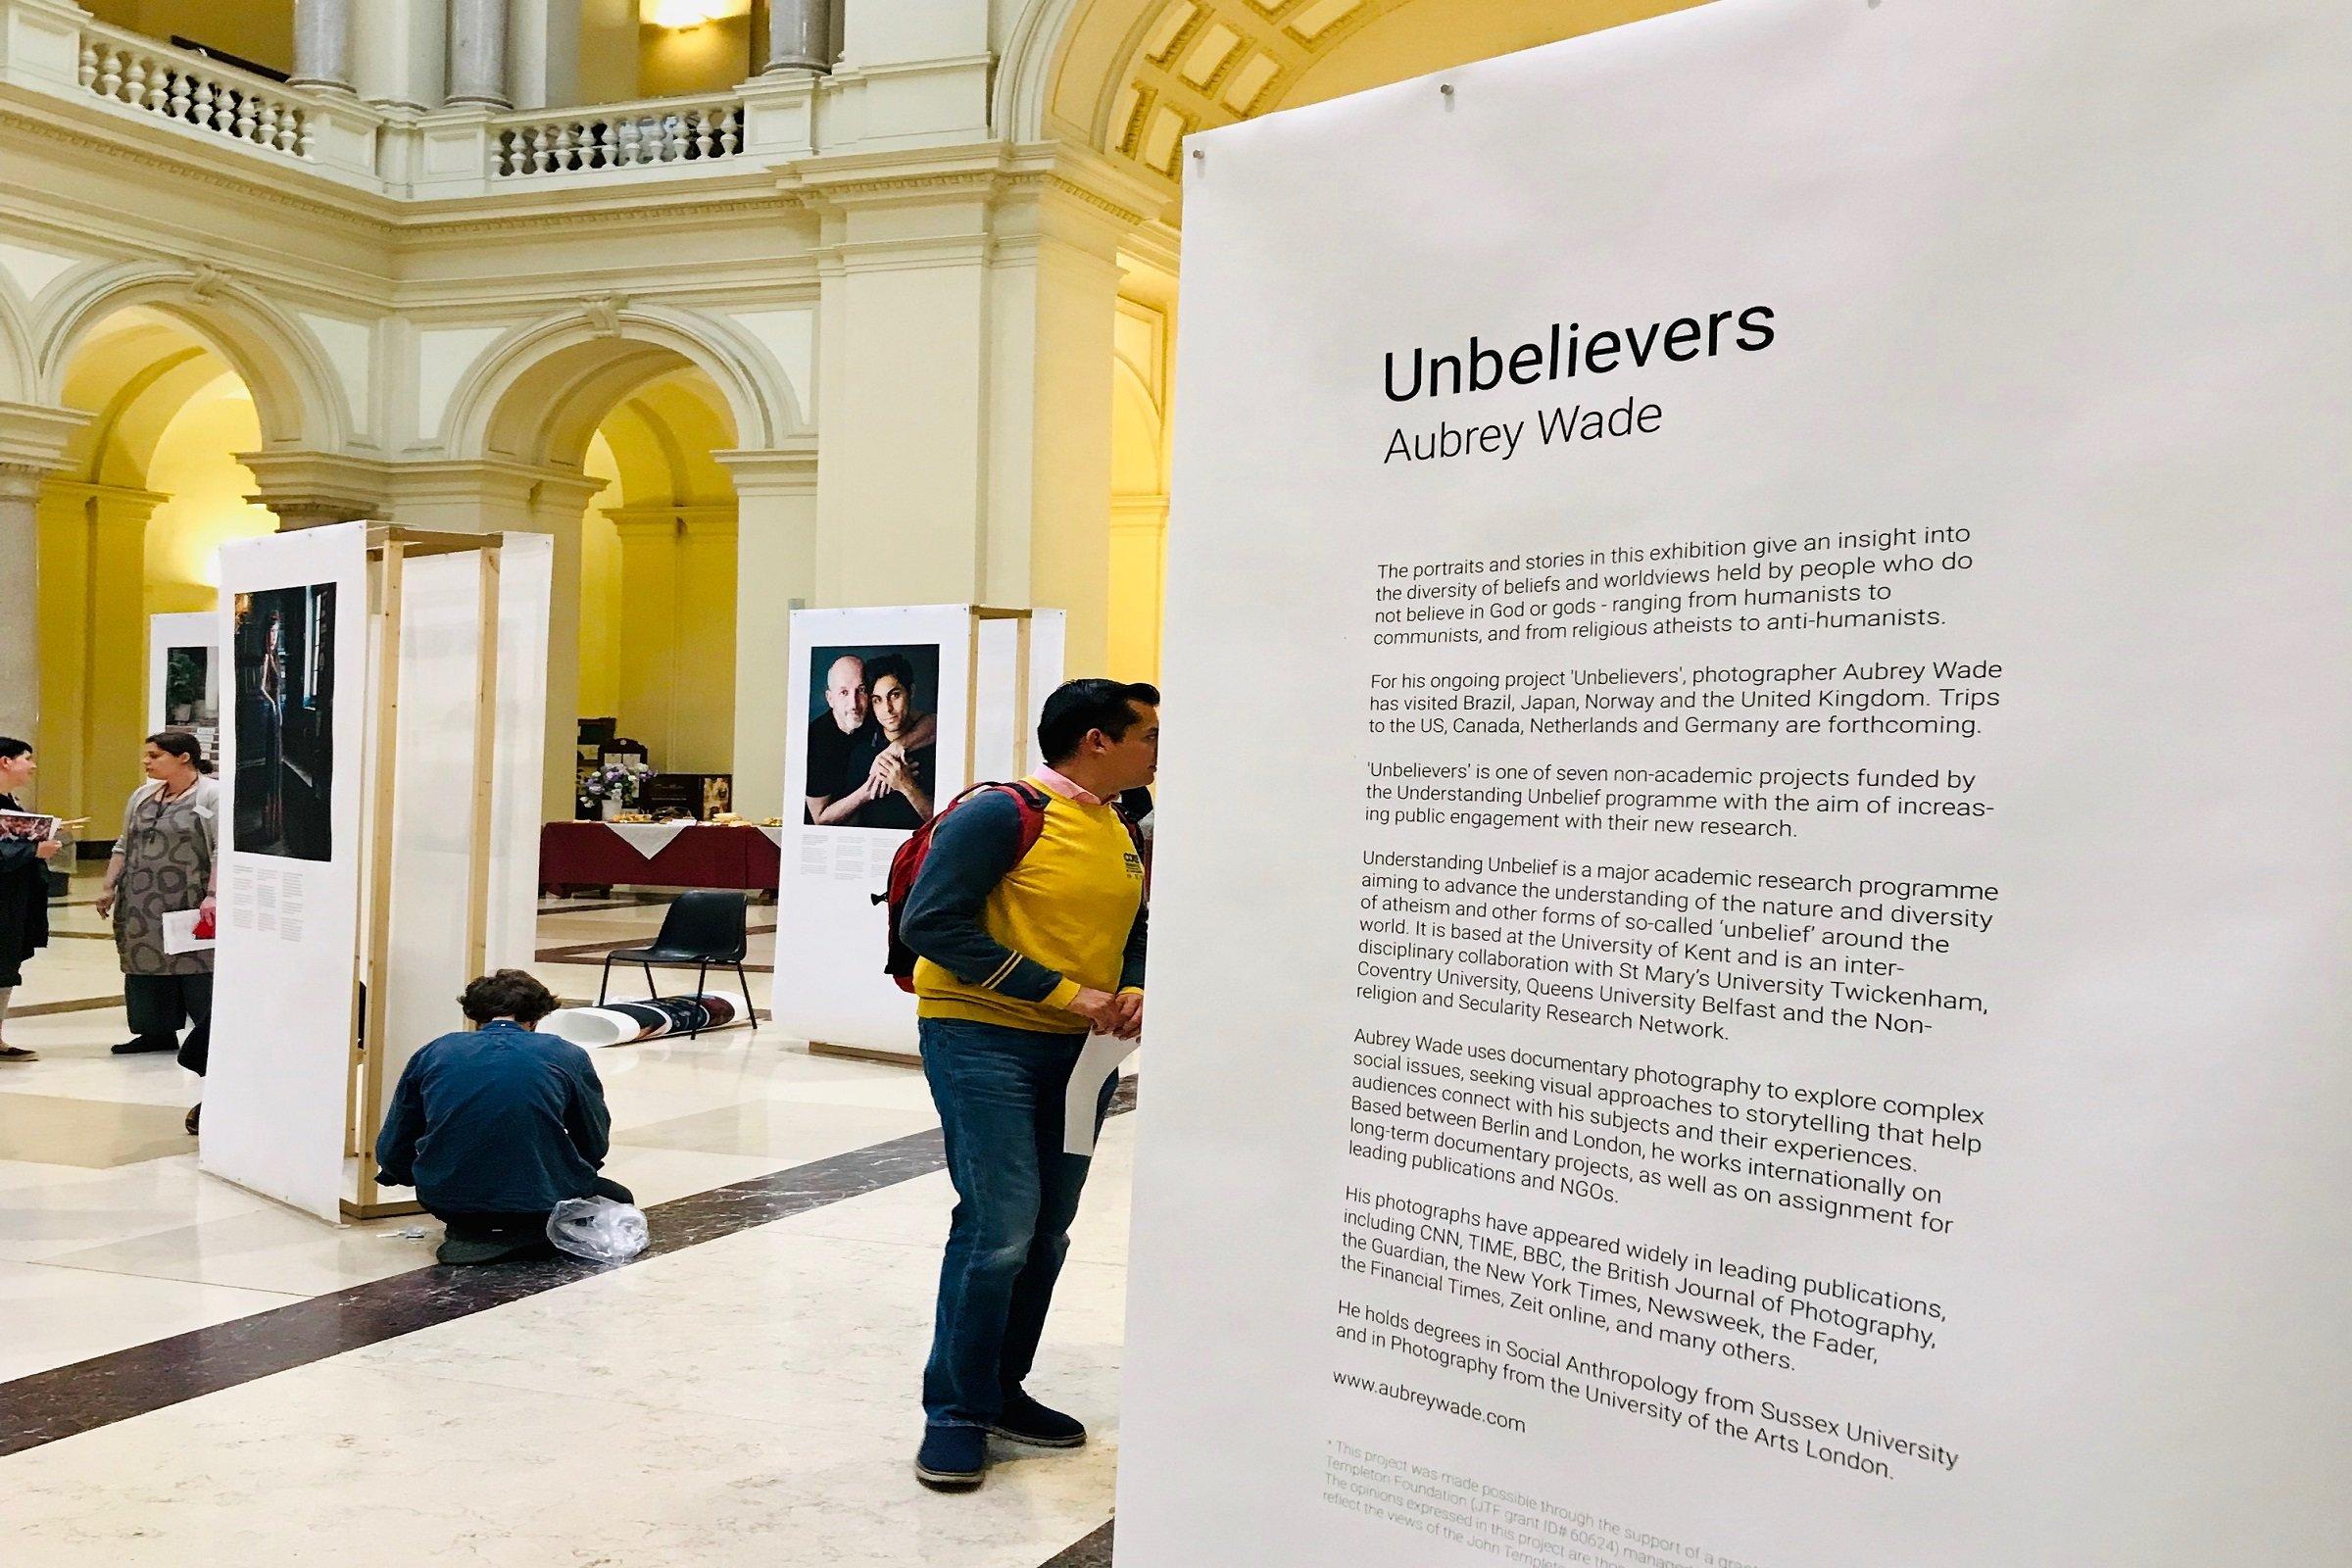 What Do Unbelievers Believe?